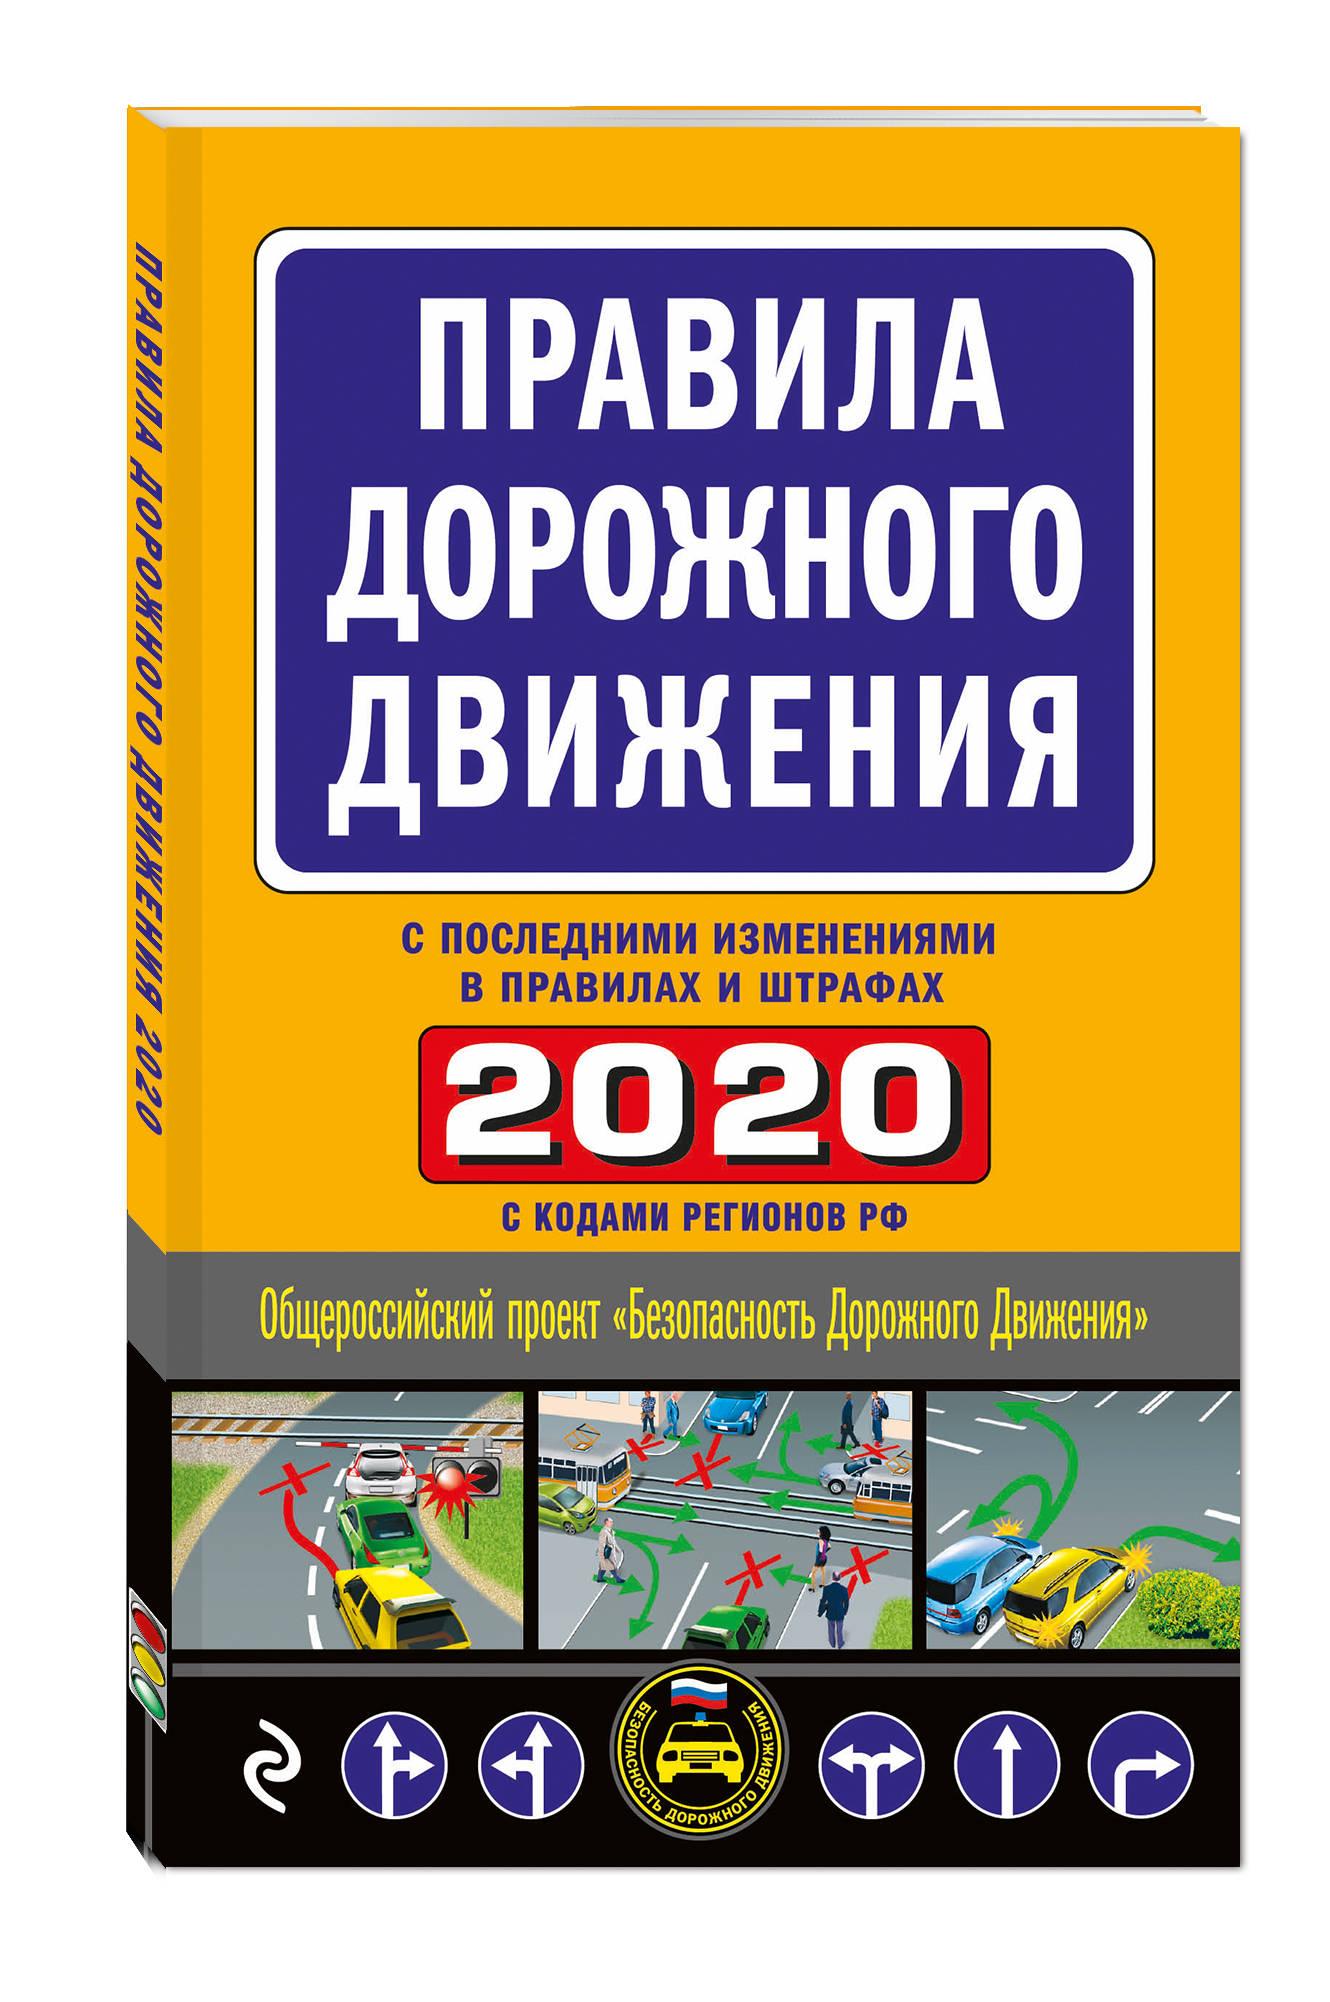 Правила дорожного движения 2020: С самыми посл. изм. в правилах и штрафах